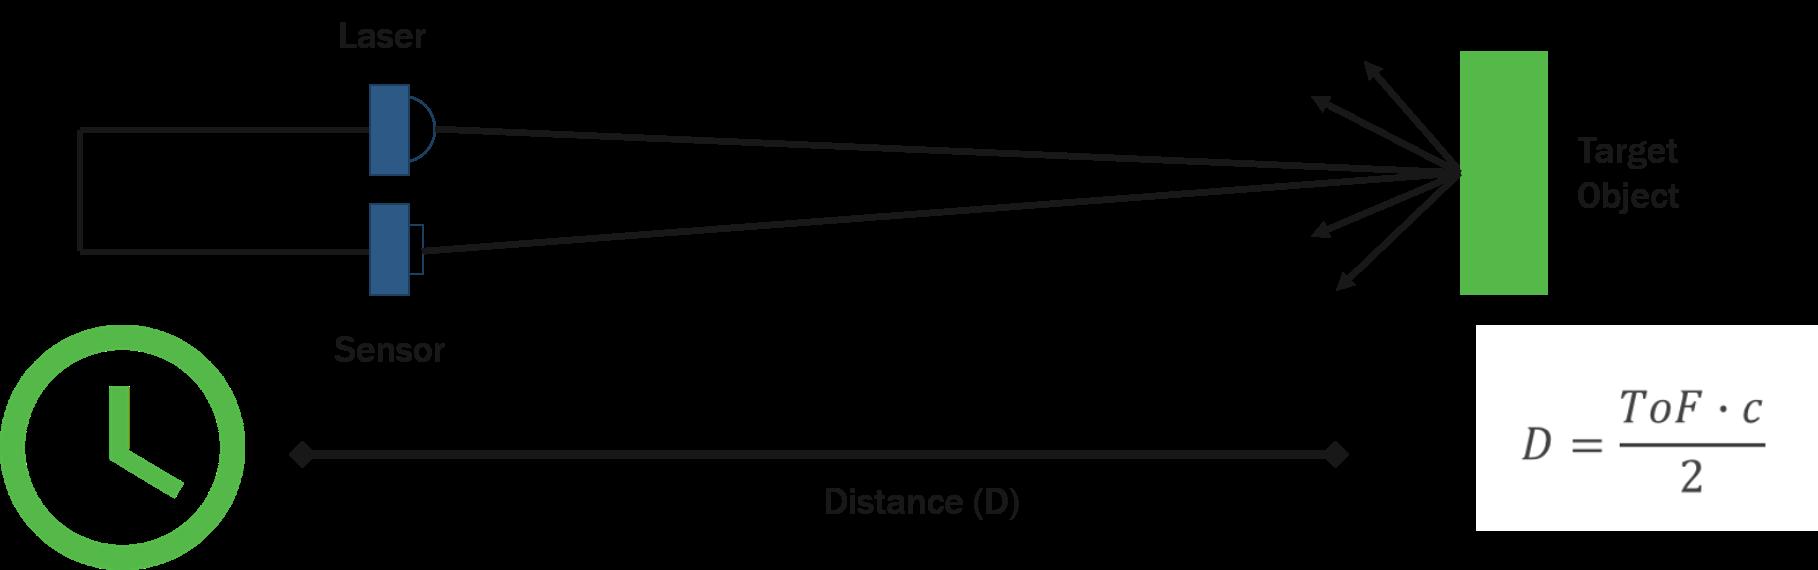 Principio del dToF utilizado en un sistema LiDAR